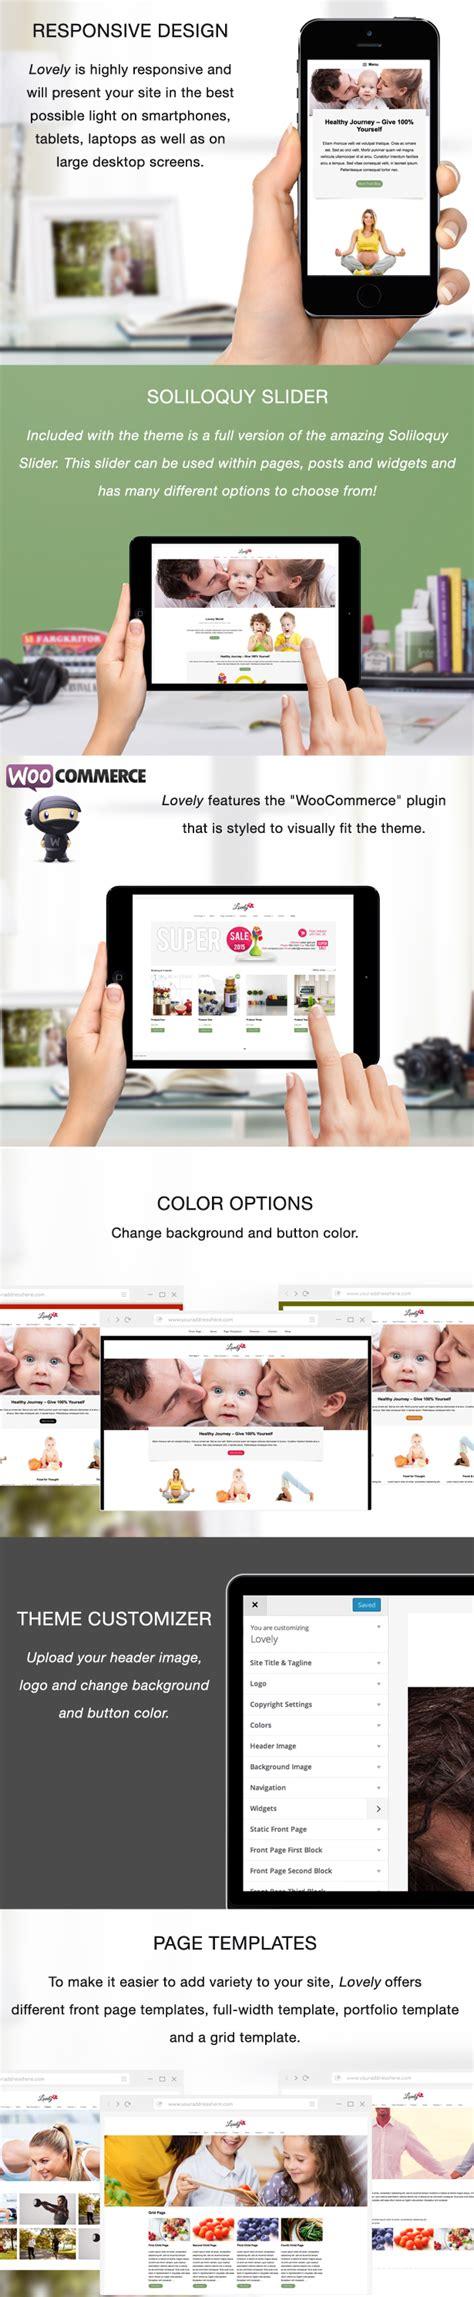 design themes core features plugin wordpress lovely health lifestyle wordpress theme mojo themes